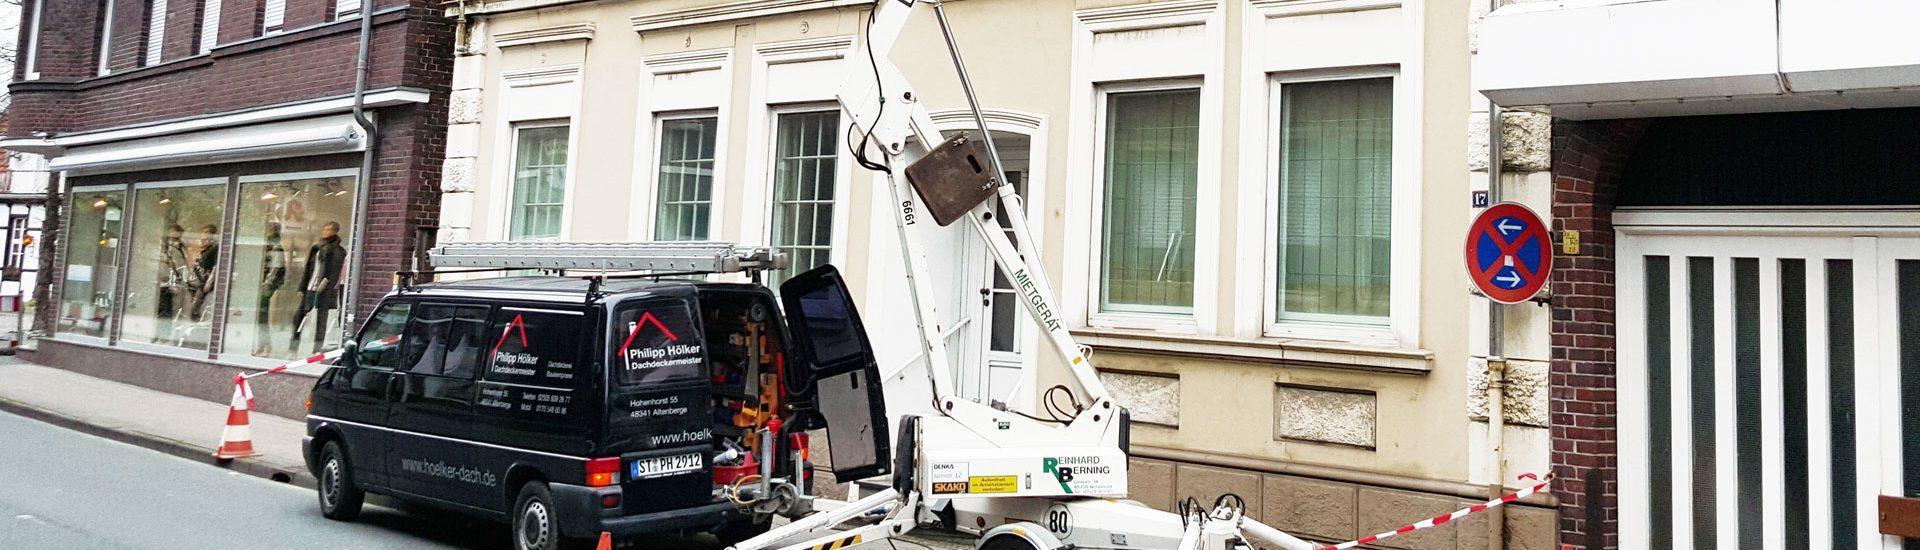 Dachdeckermeister Philipp Hölker aus Altenberge bei Wartungs- und Reparaturarbeiten